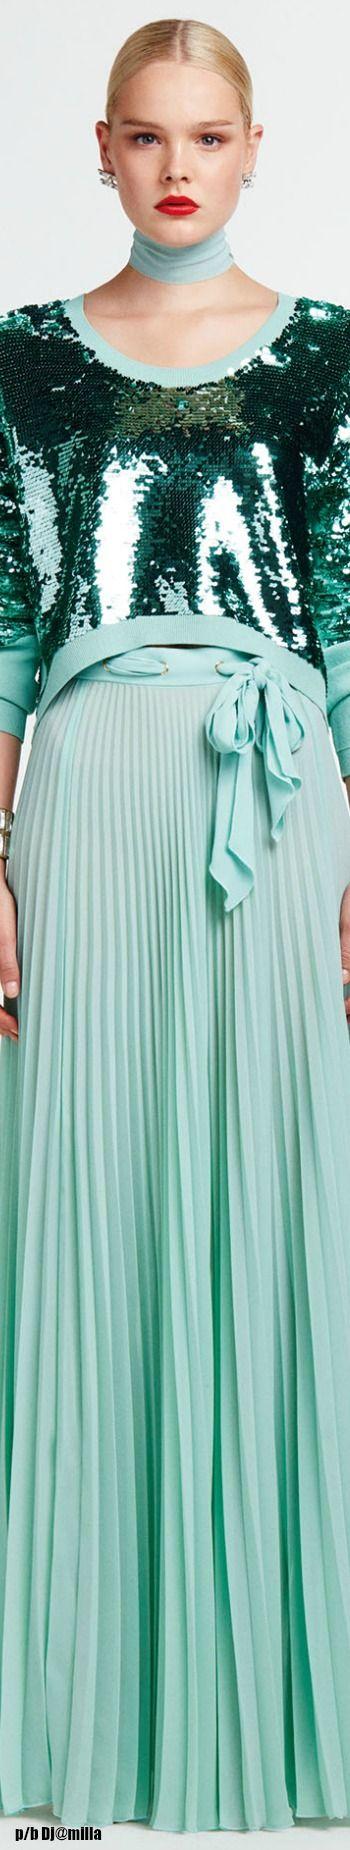 ELISABETTA FRANCHI Spring Summer 2017 - Lookbook